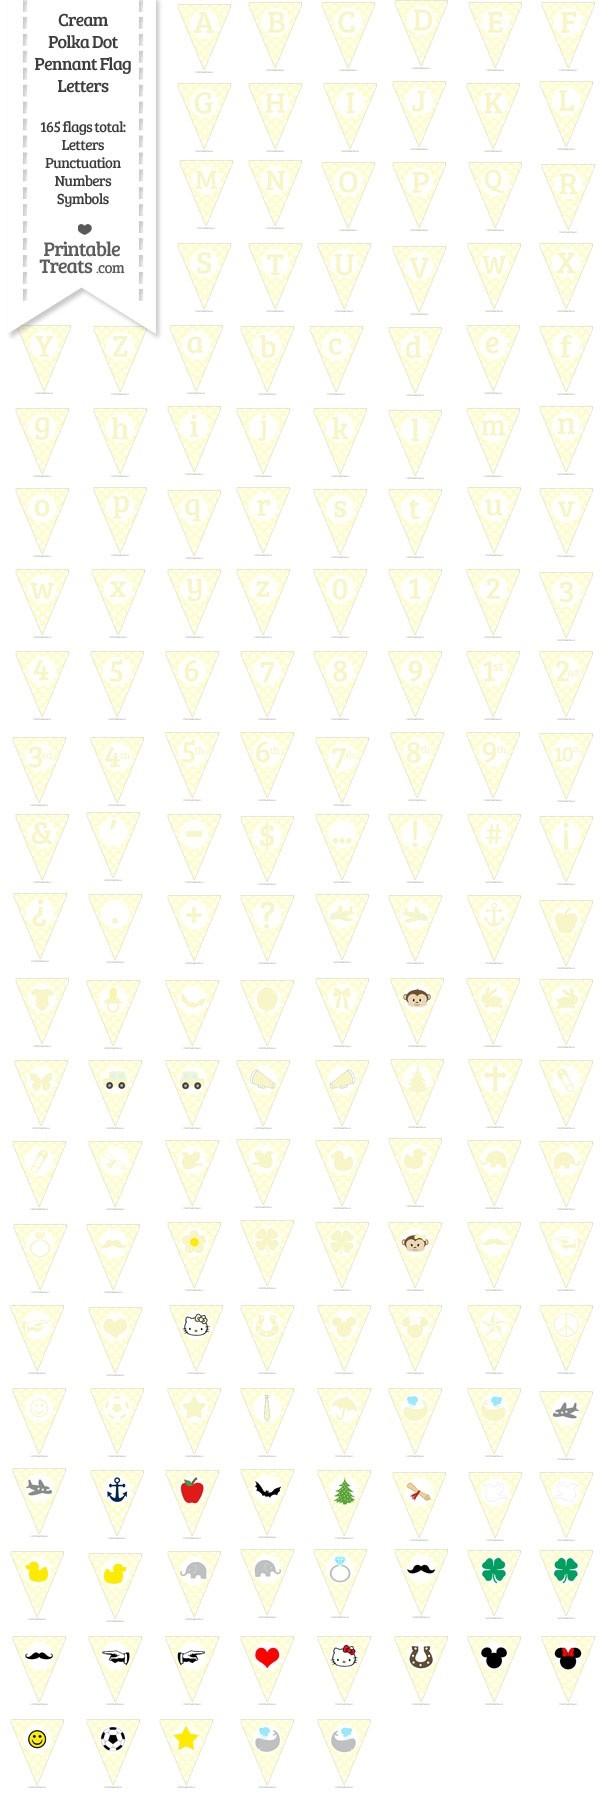 165 Cream Polka Dot Pennant Flag Letters Password